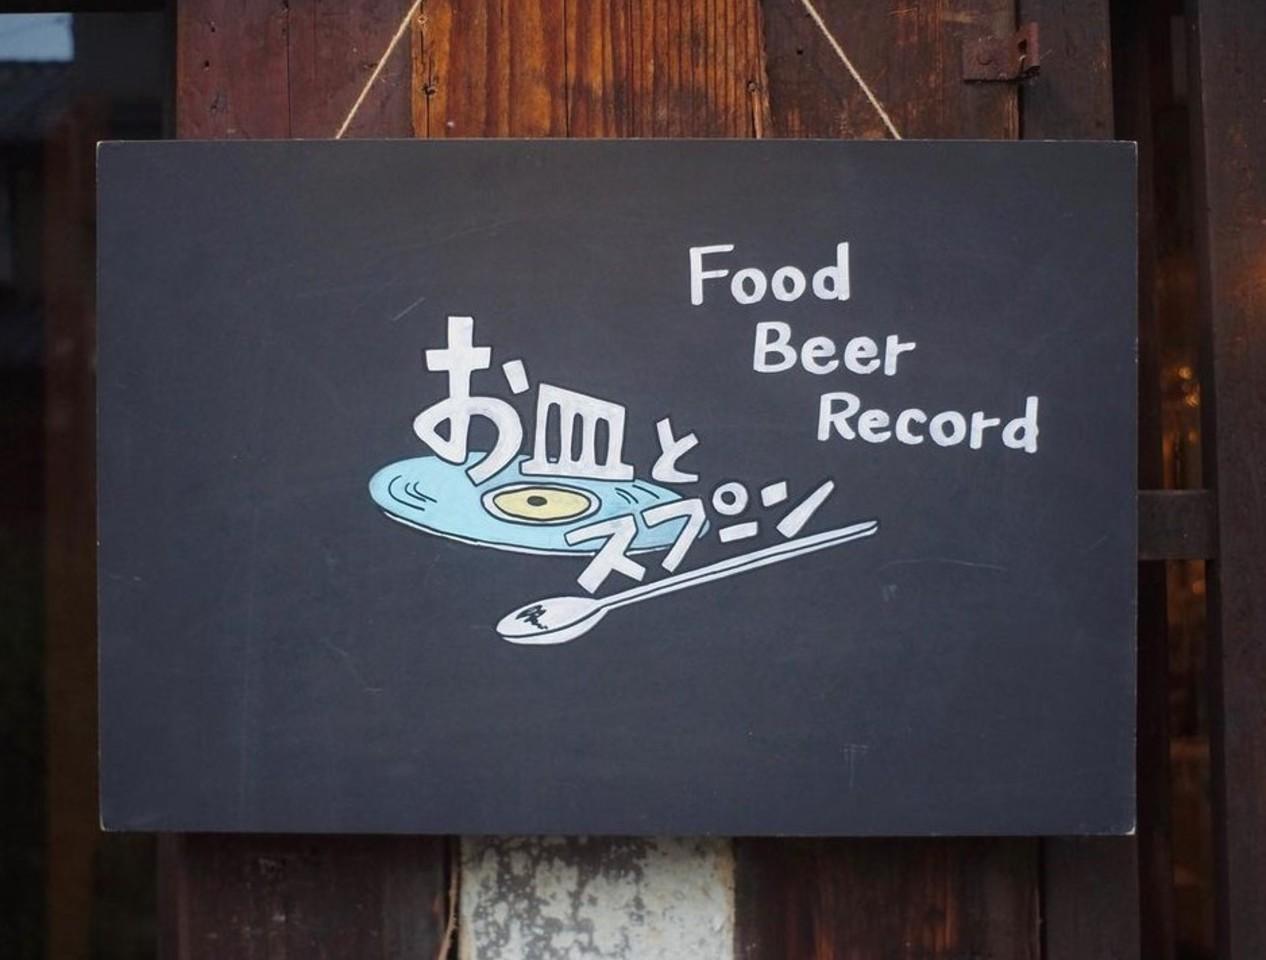 レコードをかけながら...京都府京都市下京区銭屋町に「お皿とスプーン」4/18オープン